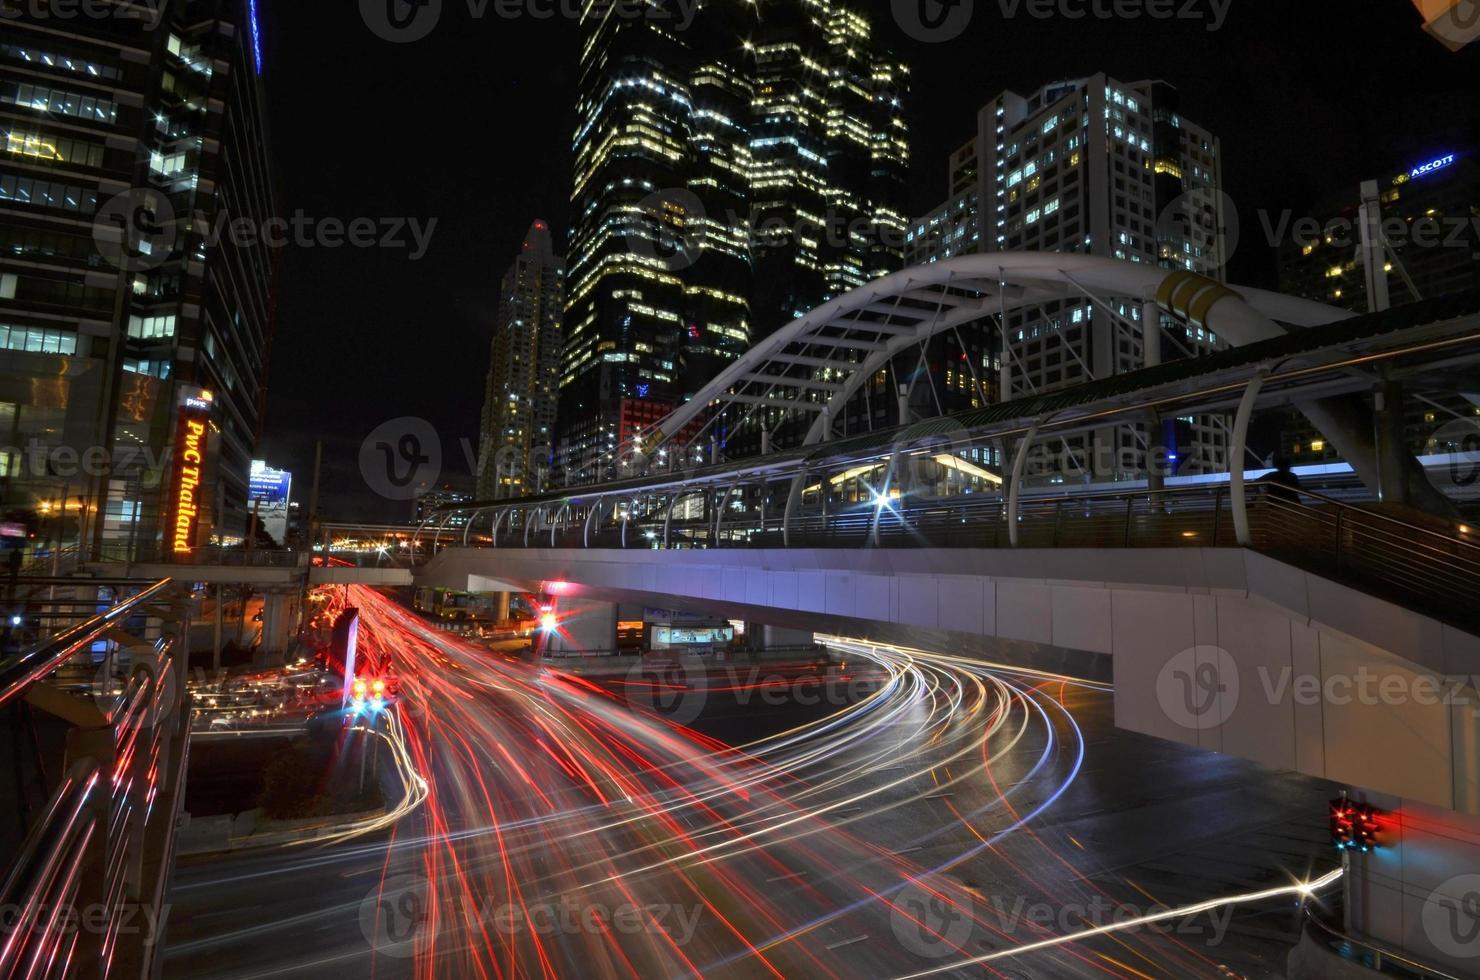 Thaïlande - Bangkok Chong Nonsi Skywalk at Bangkok Skytrain Satio photo